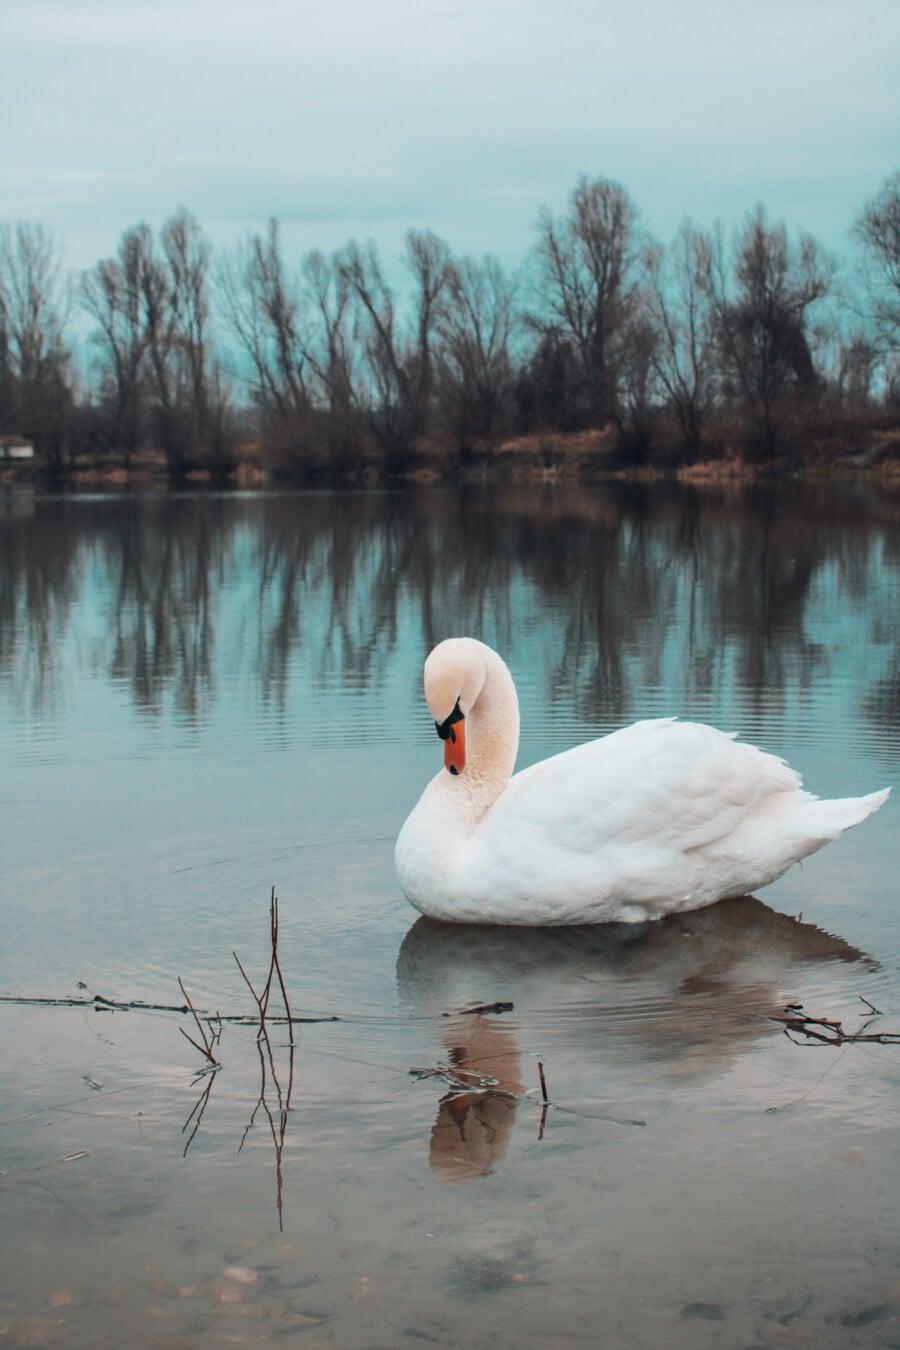 Vogel, Schwan, majestätisch, Hals, Anmut, weiß, Wasser, See, Natur, Reflexion